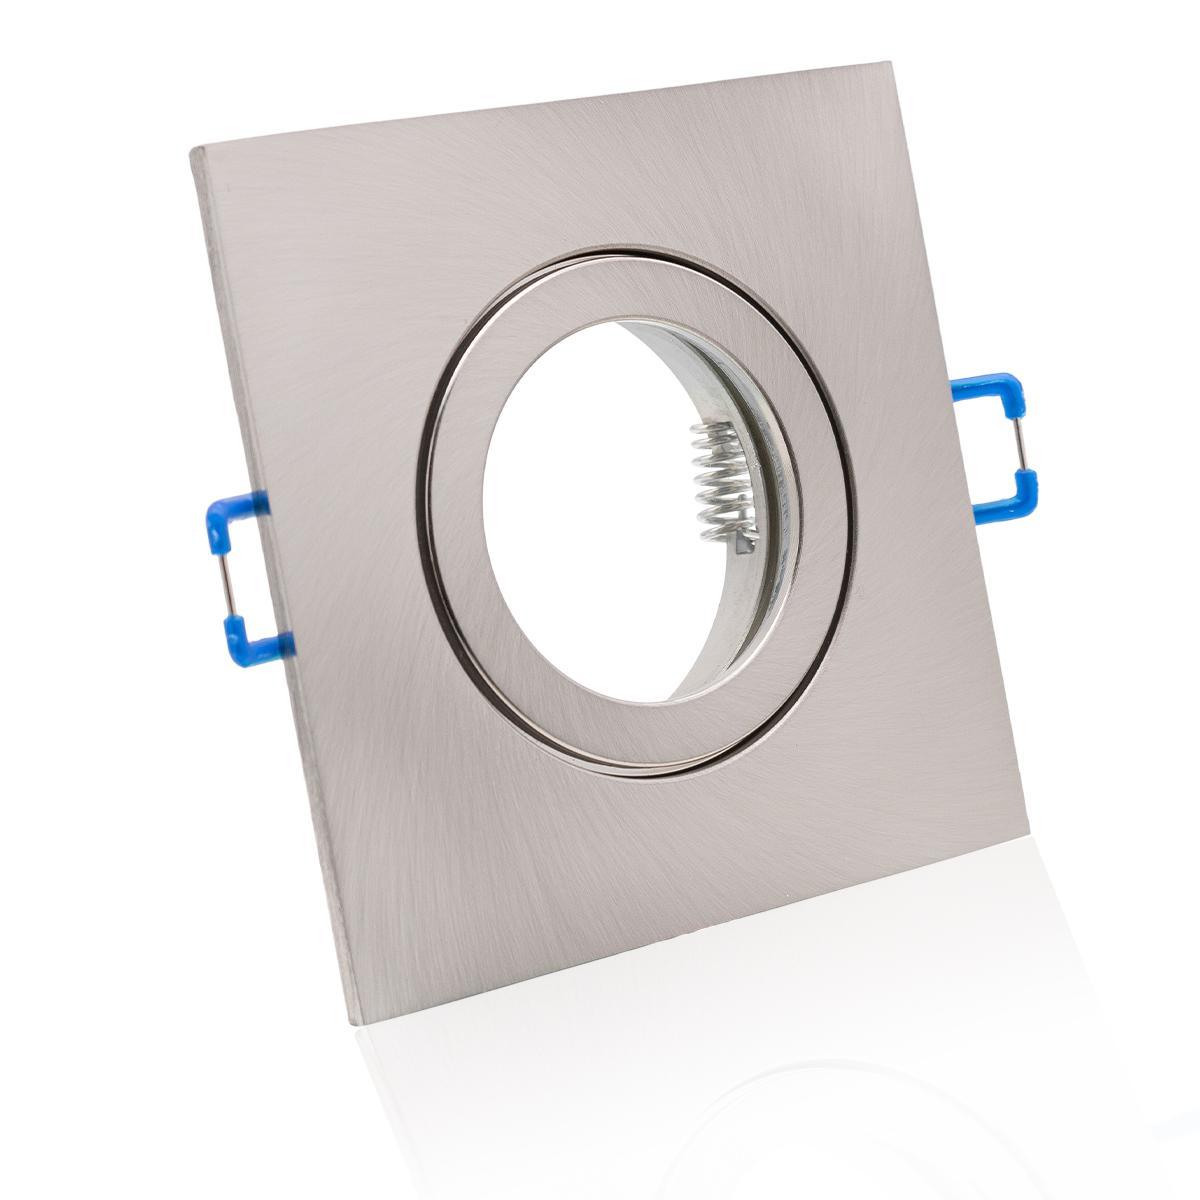 Einbaustrahler Rahmen eckig Edelstahl gebürstet Optik starr IP44 Feuchtraum Klickverschluss